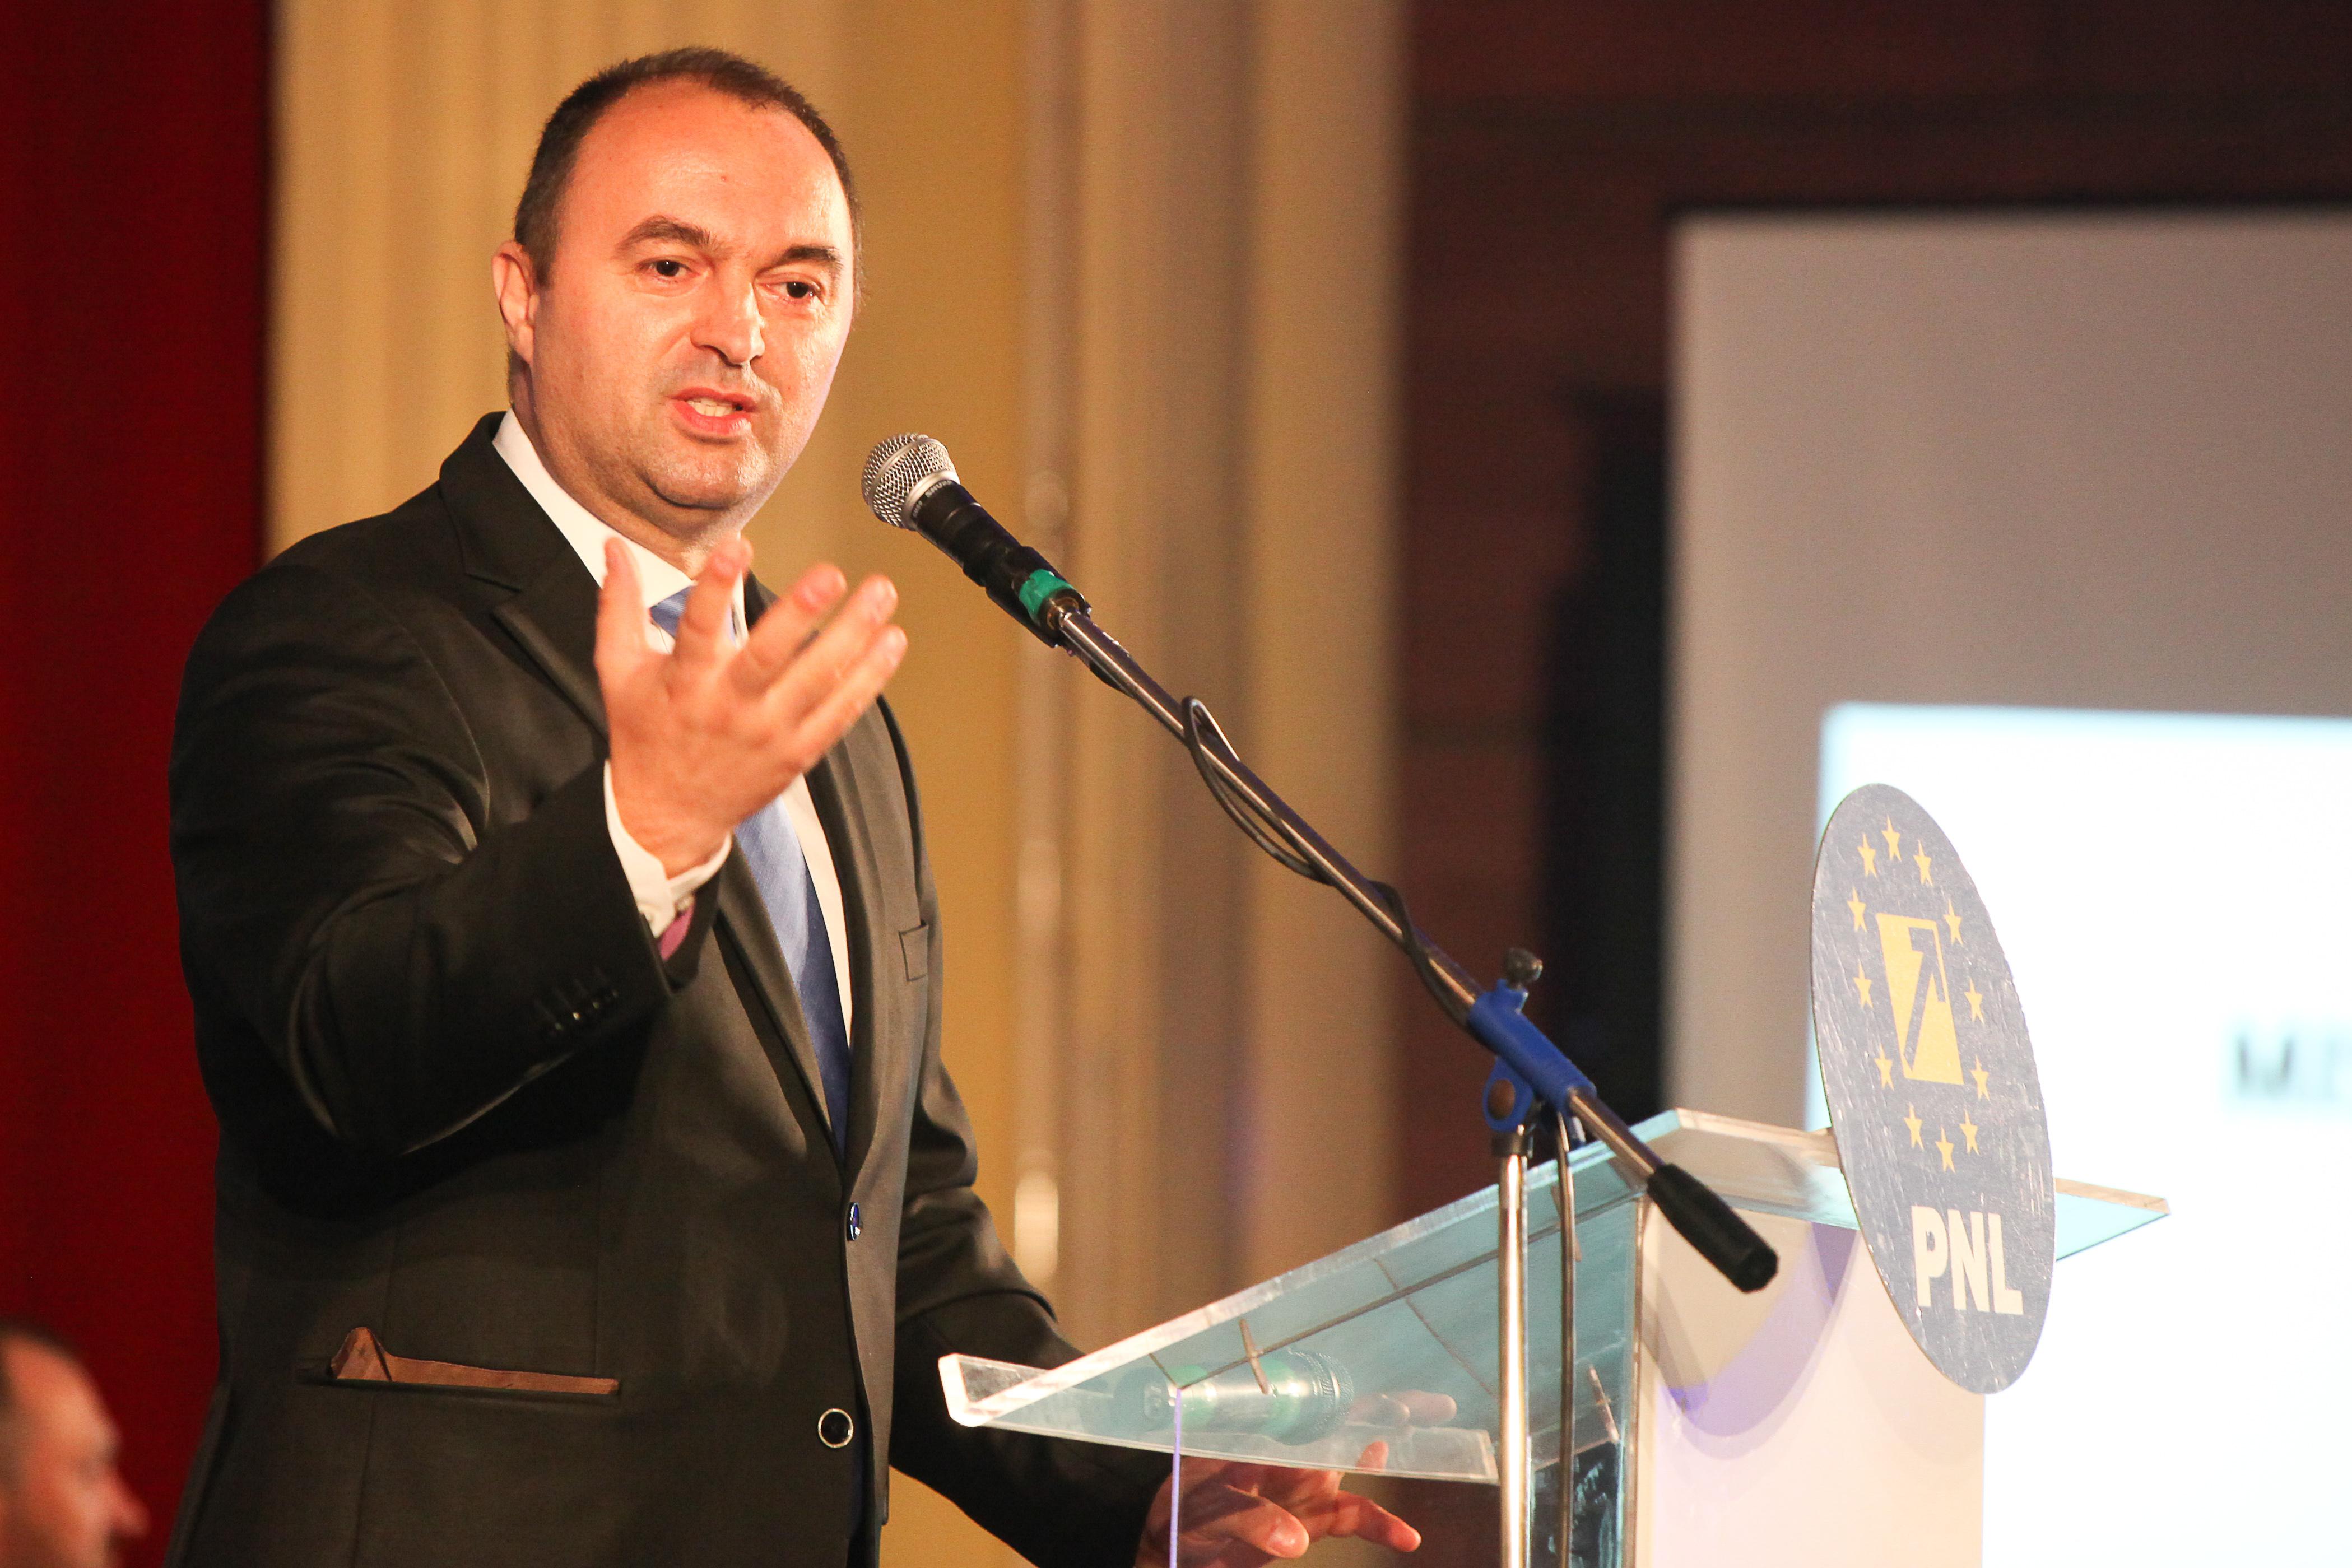 Fostul ministrul al Educaţiei Cristian Adomniţei, condamnat la închisoare cu executare